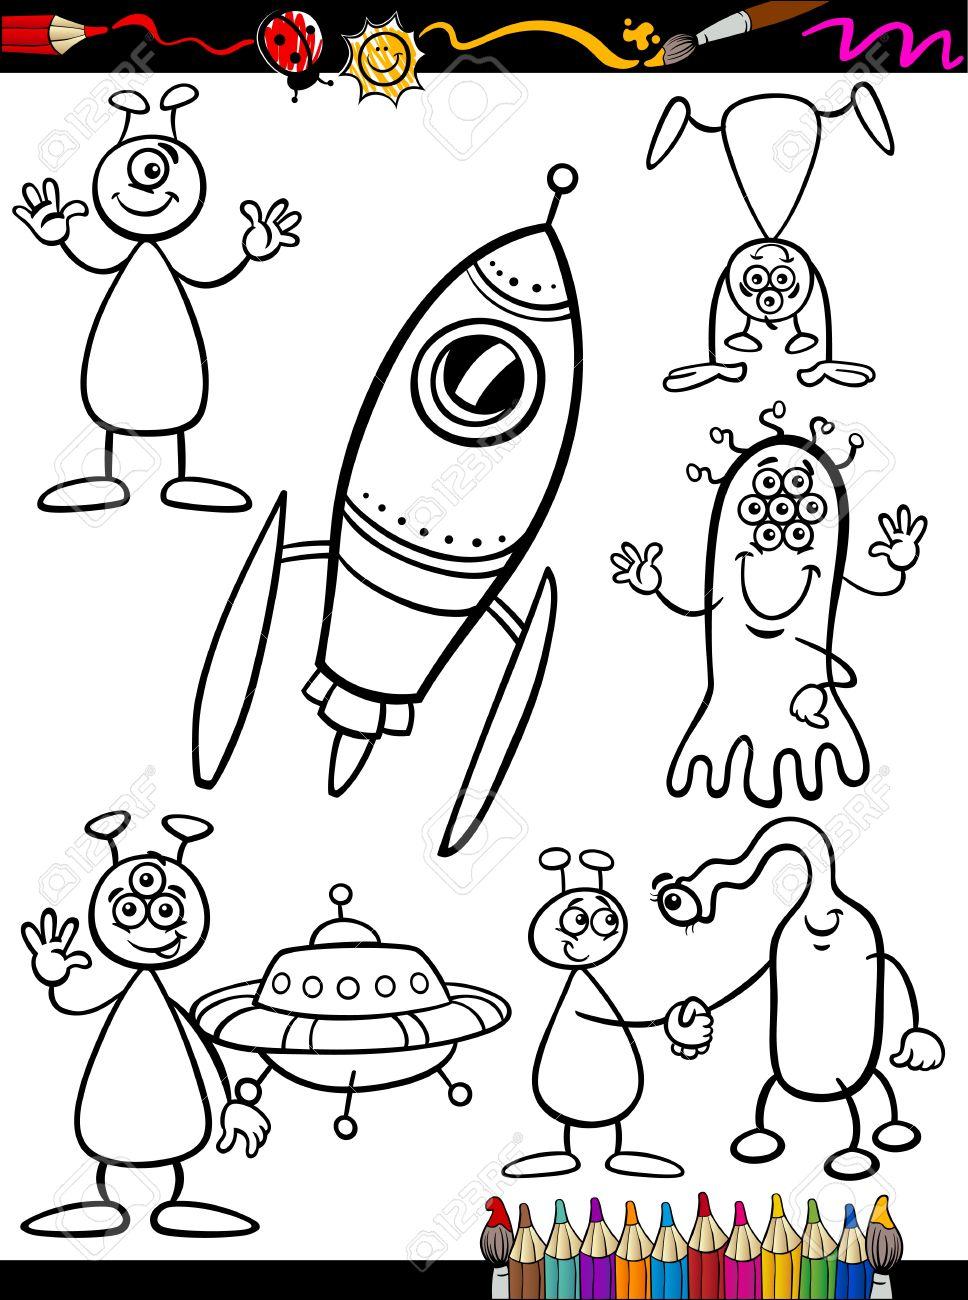 Coloring Book O Página Cartoon Ilustración Conjunto De Extranjería ...